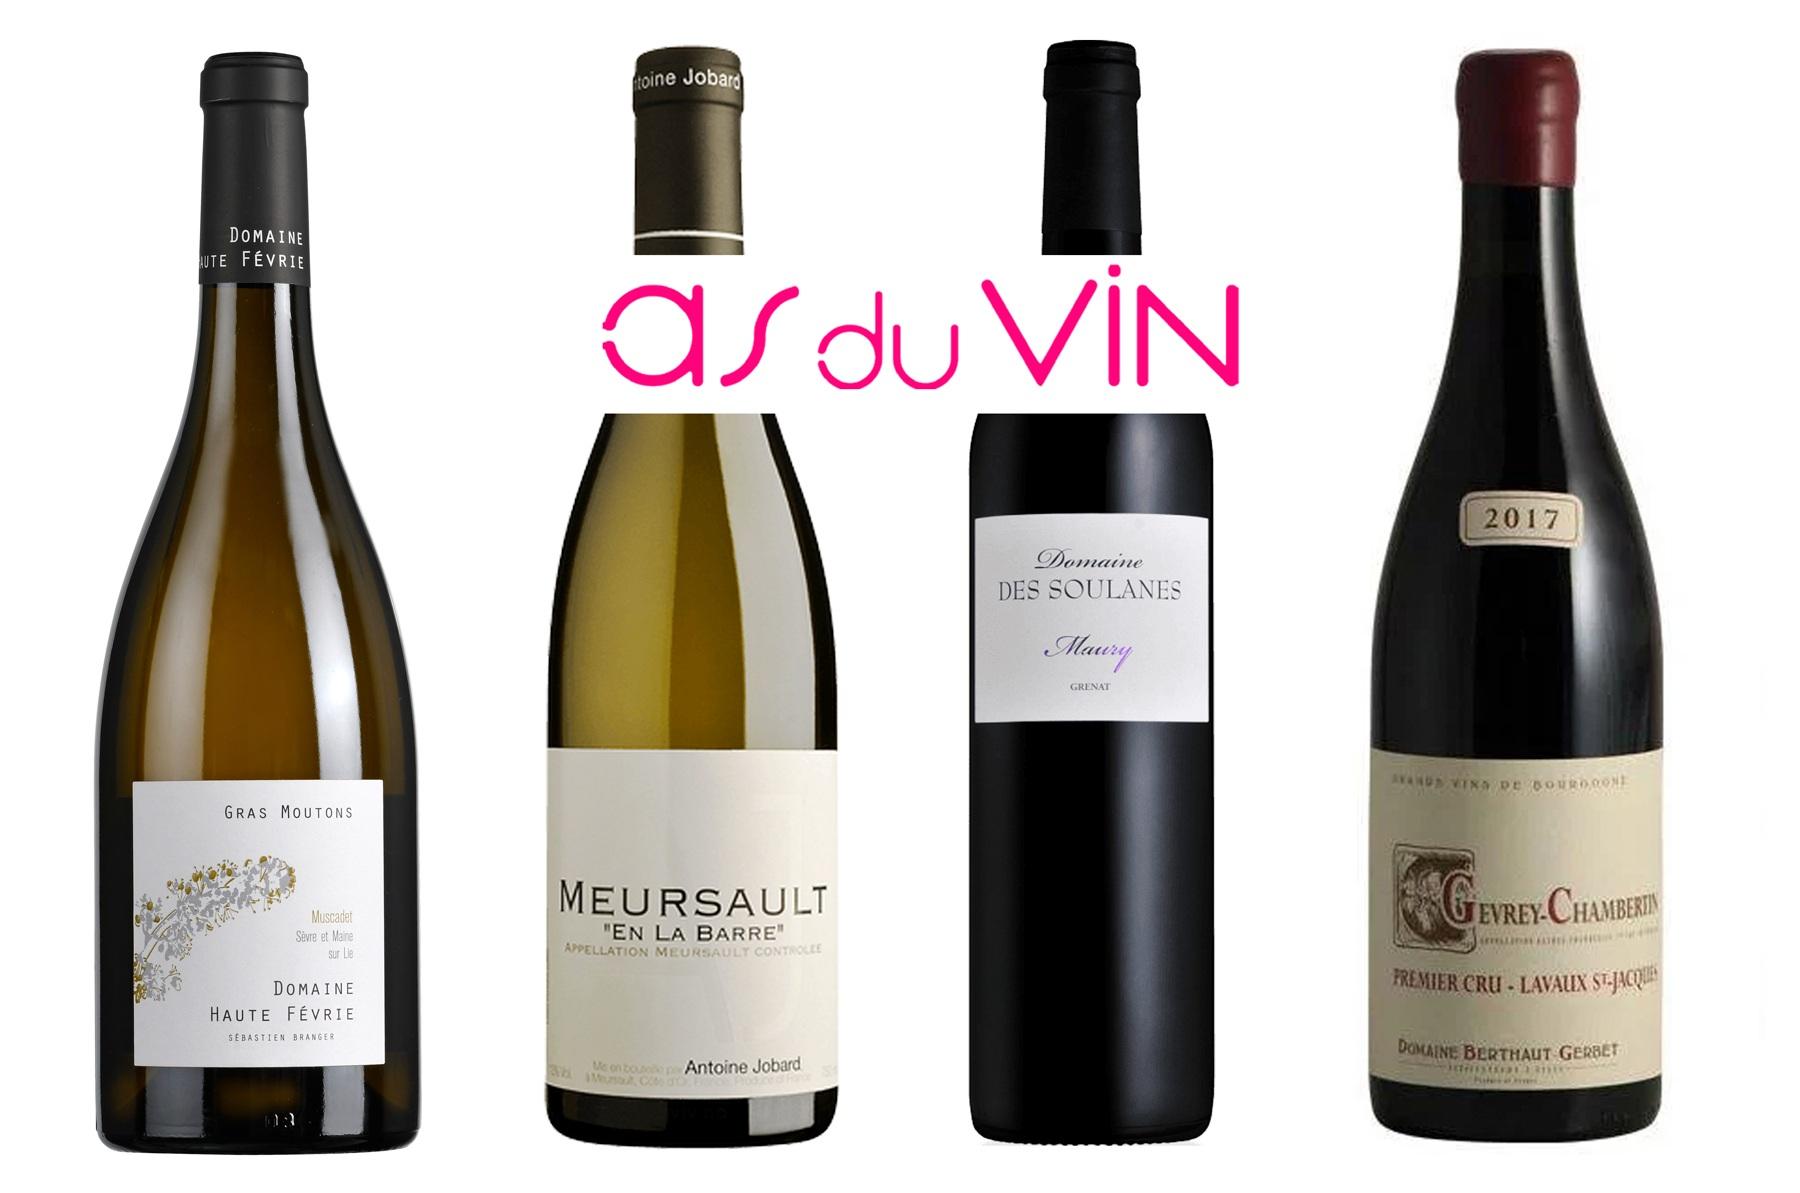 Accords mets-vins de Saint-Valentin : un tête-à-tête à prix doux